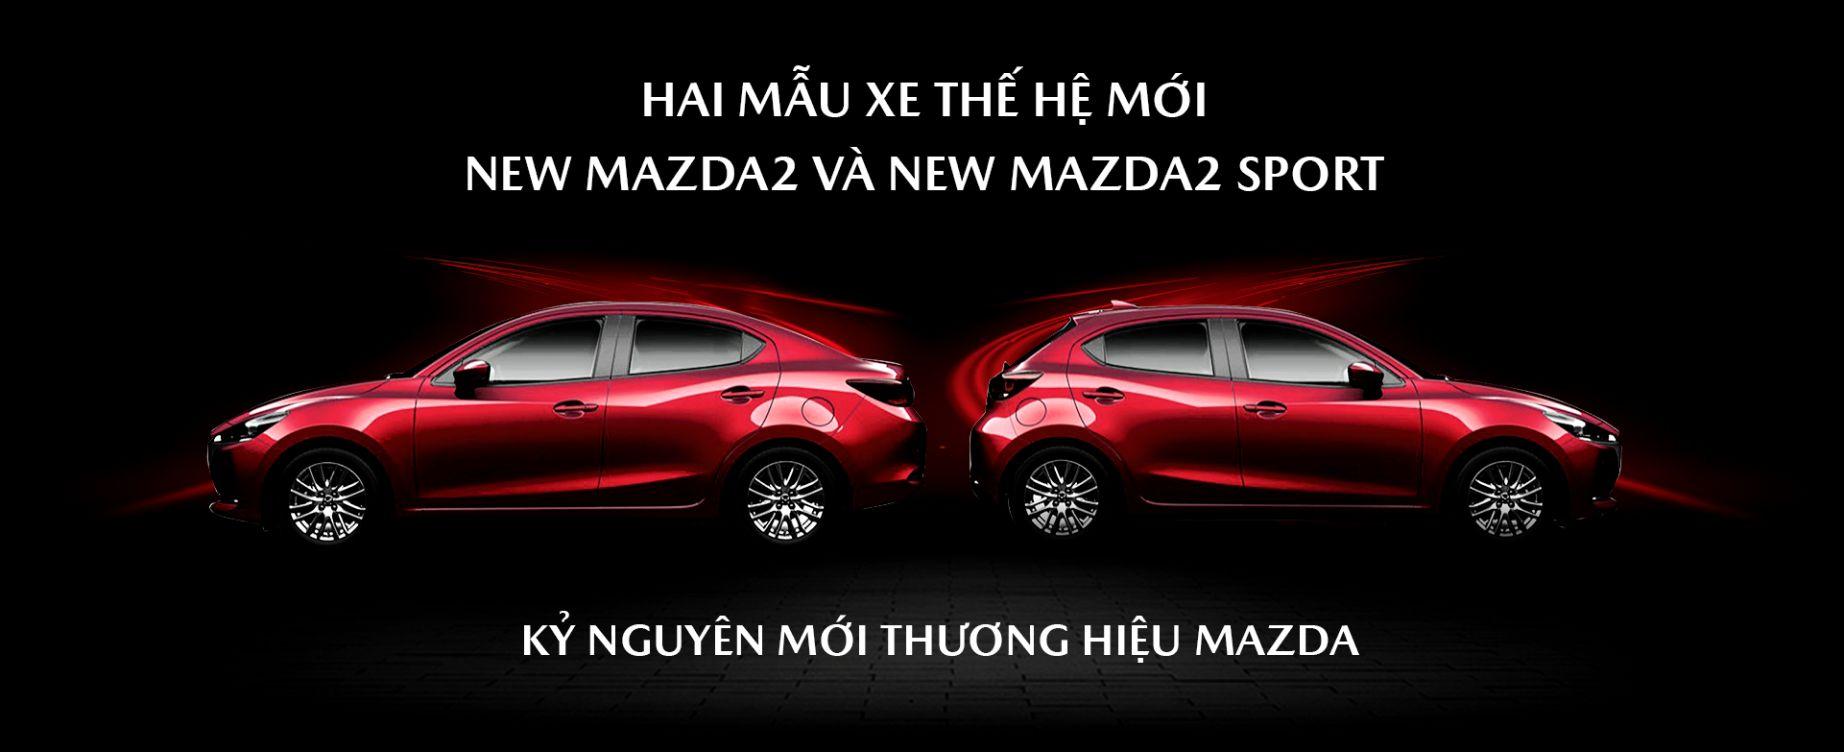 THACO chính thức giới thiệu hai mẫu xe New Mazda2 và New Mazda2 Sport